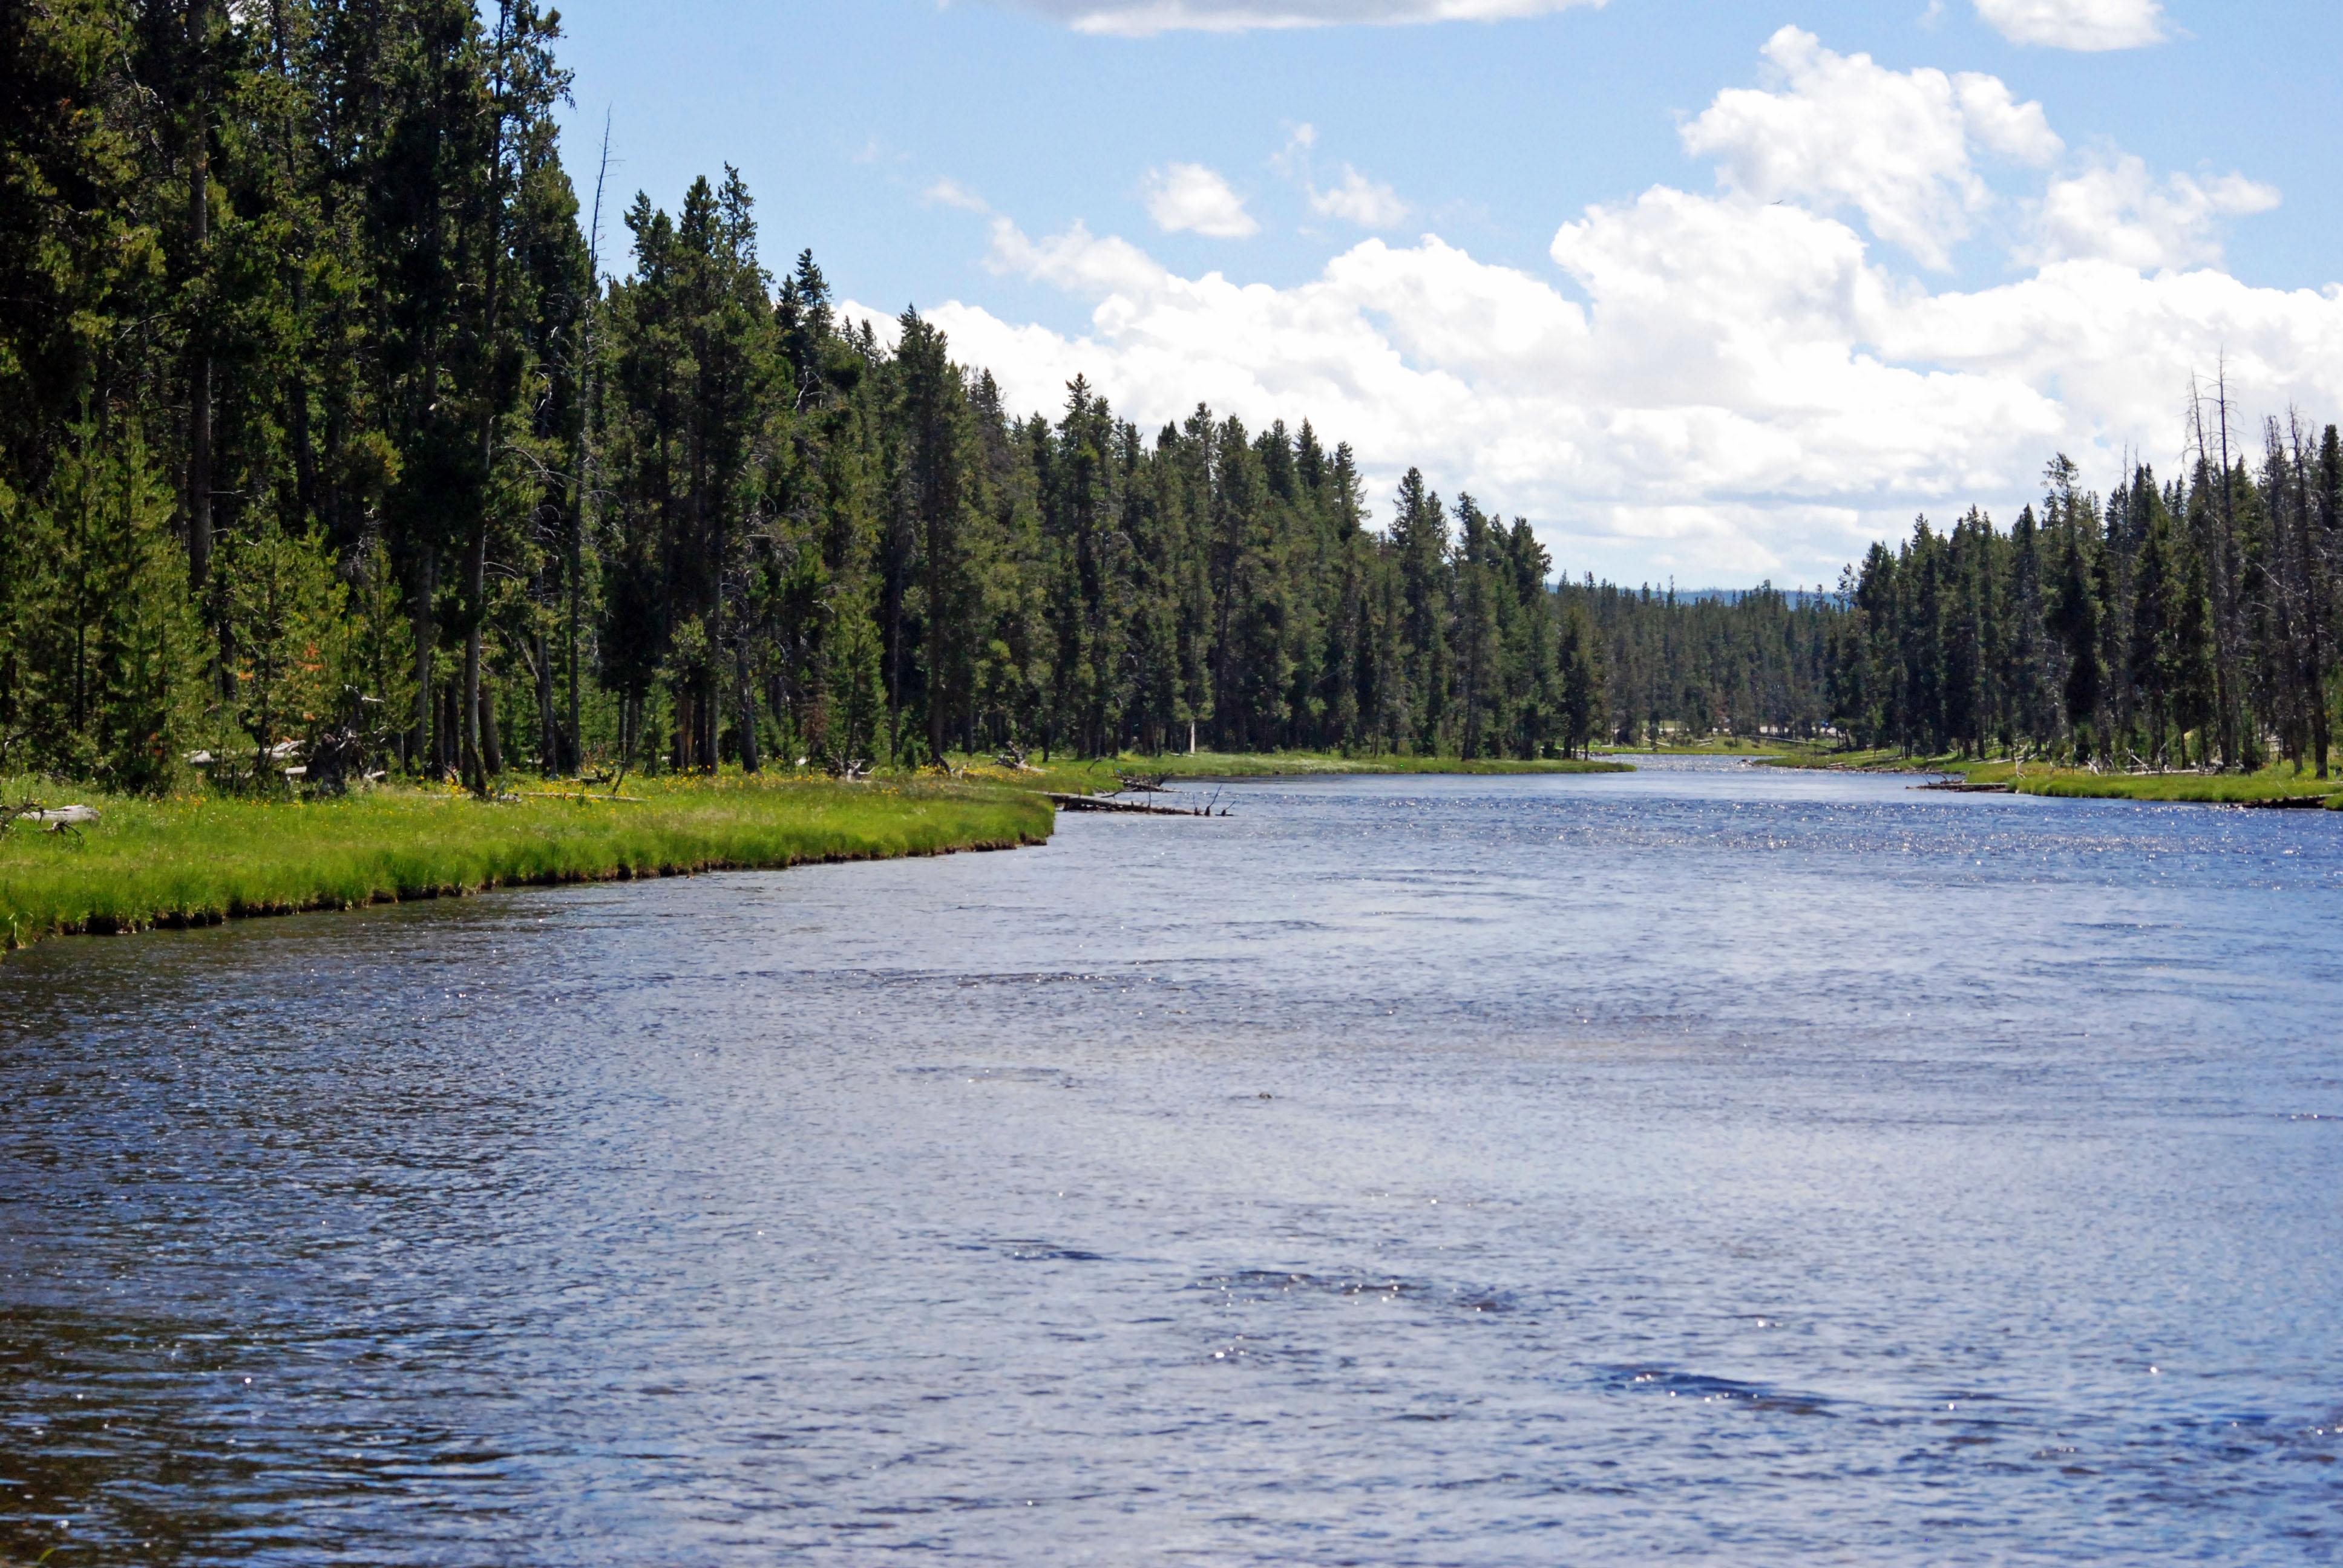 Tranquil River Scene | PhotoIllustrations